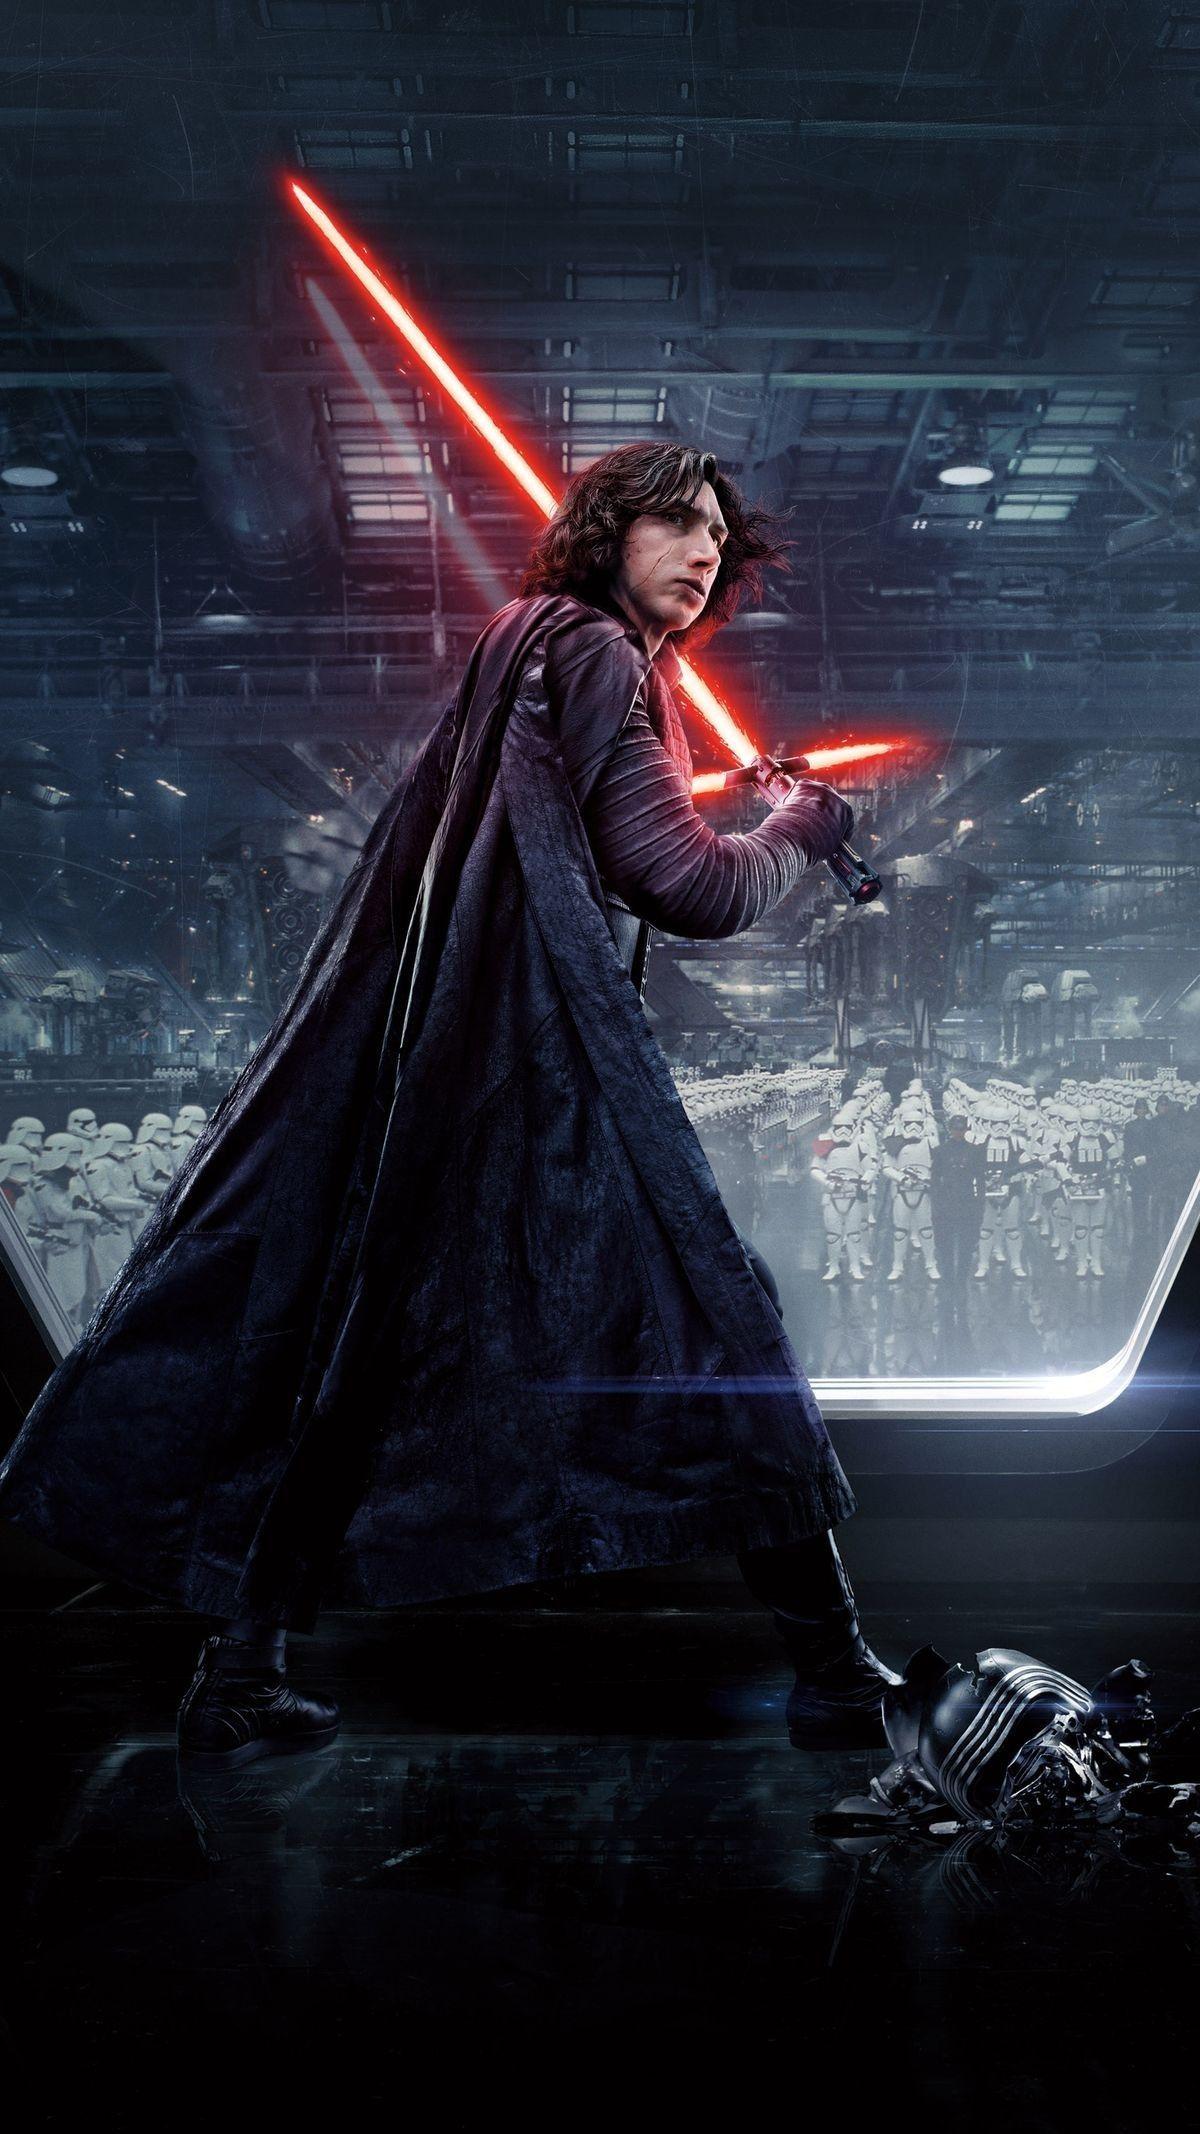 Kylo Rey Star wars wallpaper, Star wars kylo ren, Star